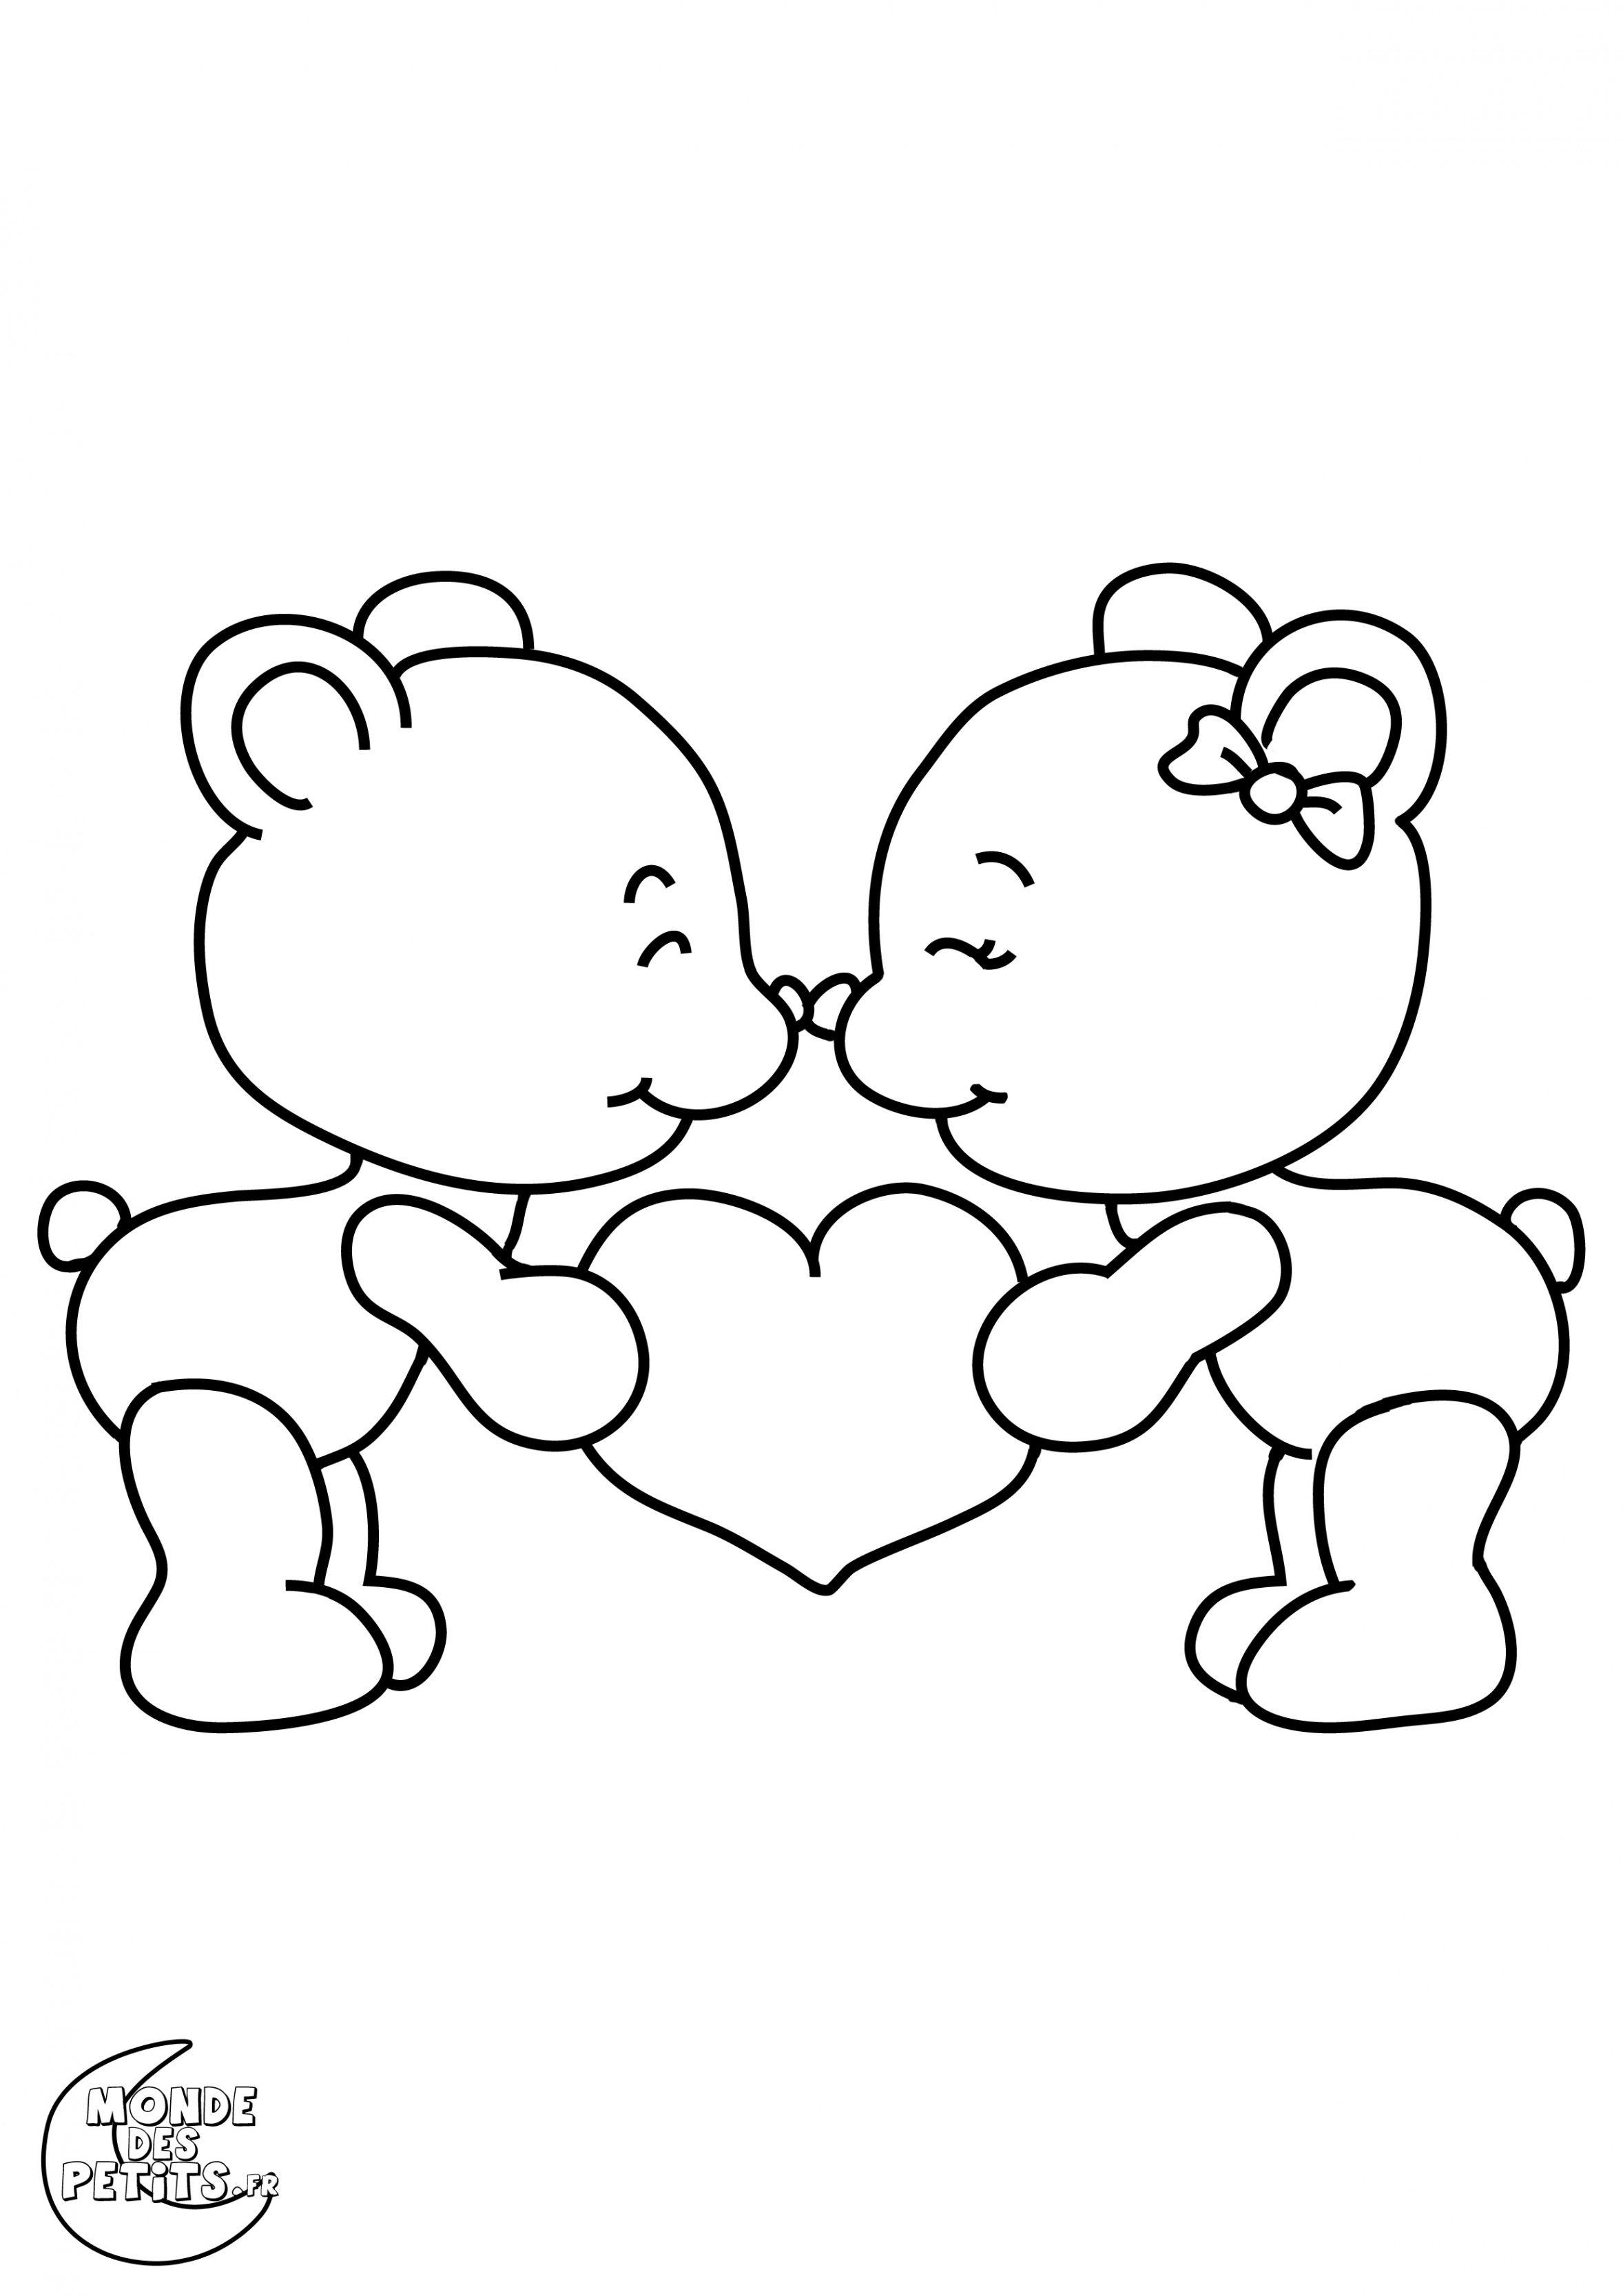 Coloriage St Valentin Gratuit  Coloriage st valentin, Dessin